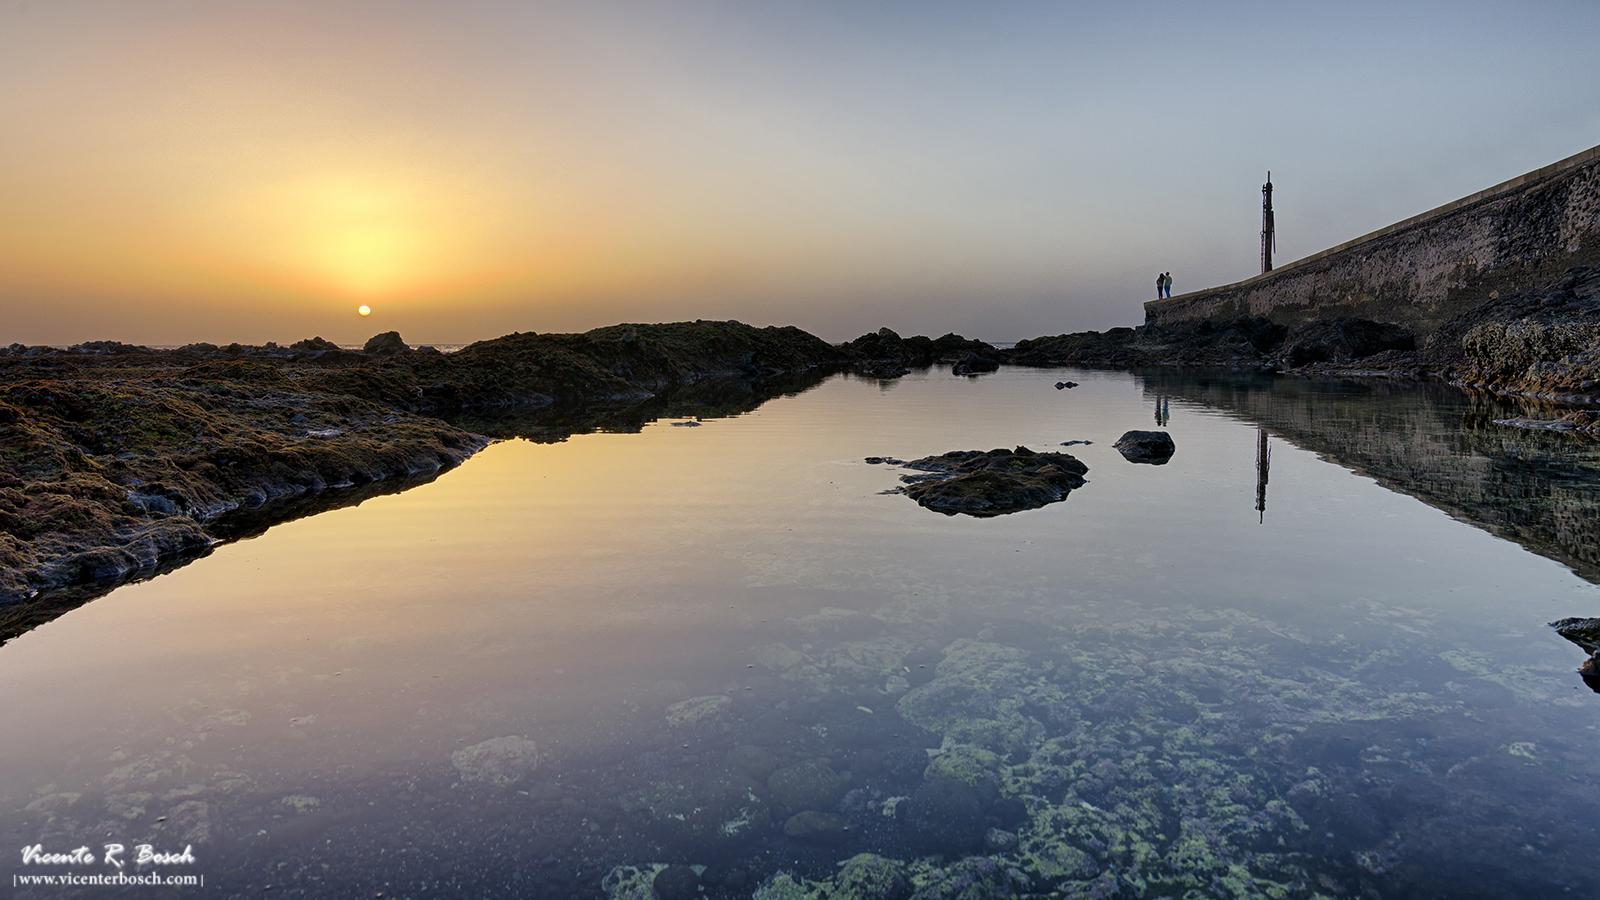 Atardecer en Guía de Isora - Tenerife